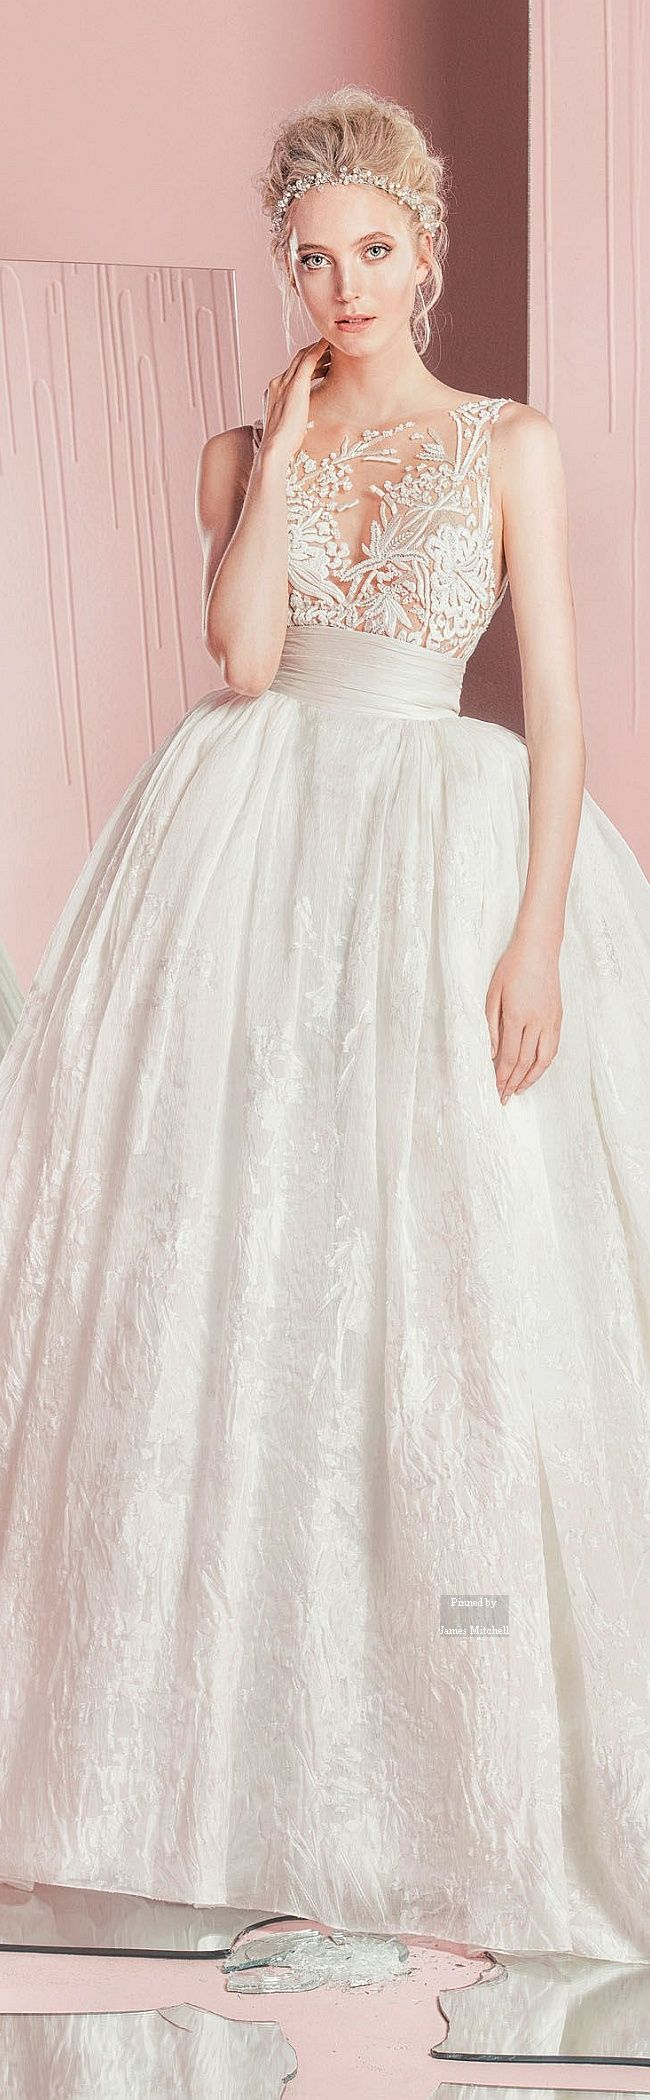 Vestido de novia corte princesa | bodatotal.com | wedding dress, bride to be, novias, bodas, wedding ideas